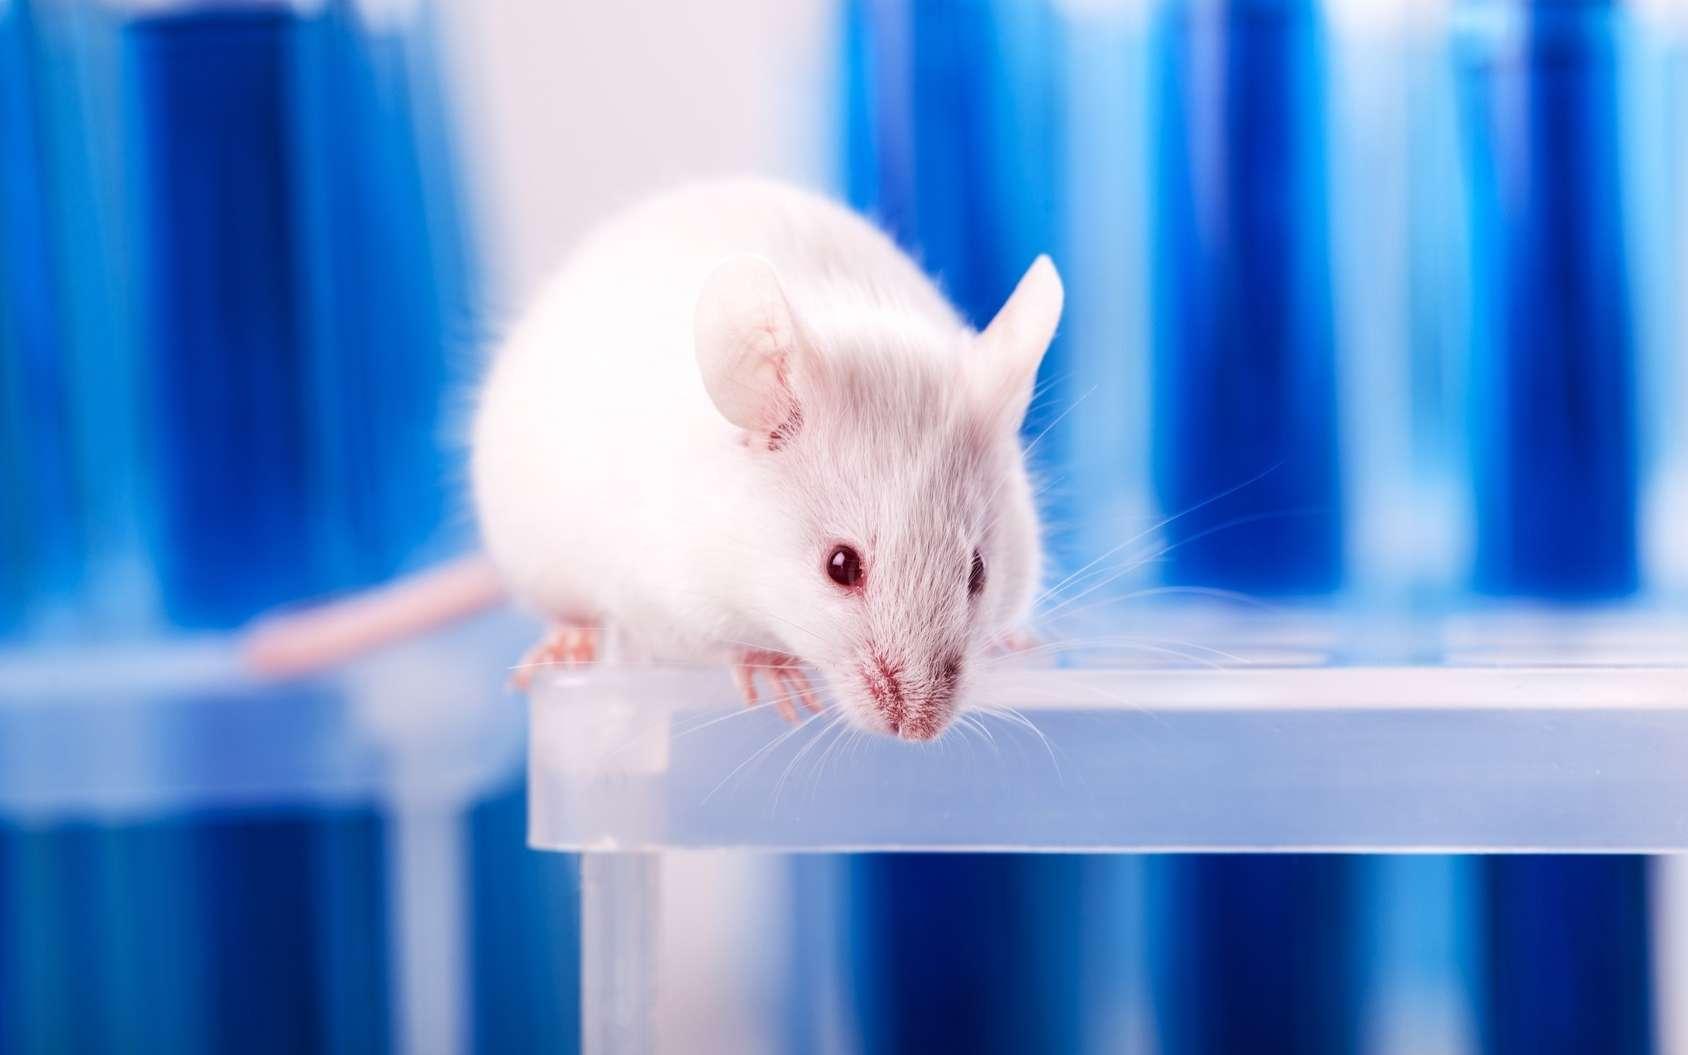 Des chercheurs ont créé un modèle pour étudier la méditation de pleine conscience chez la souris. © BillionPhotos.com, Fotolia